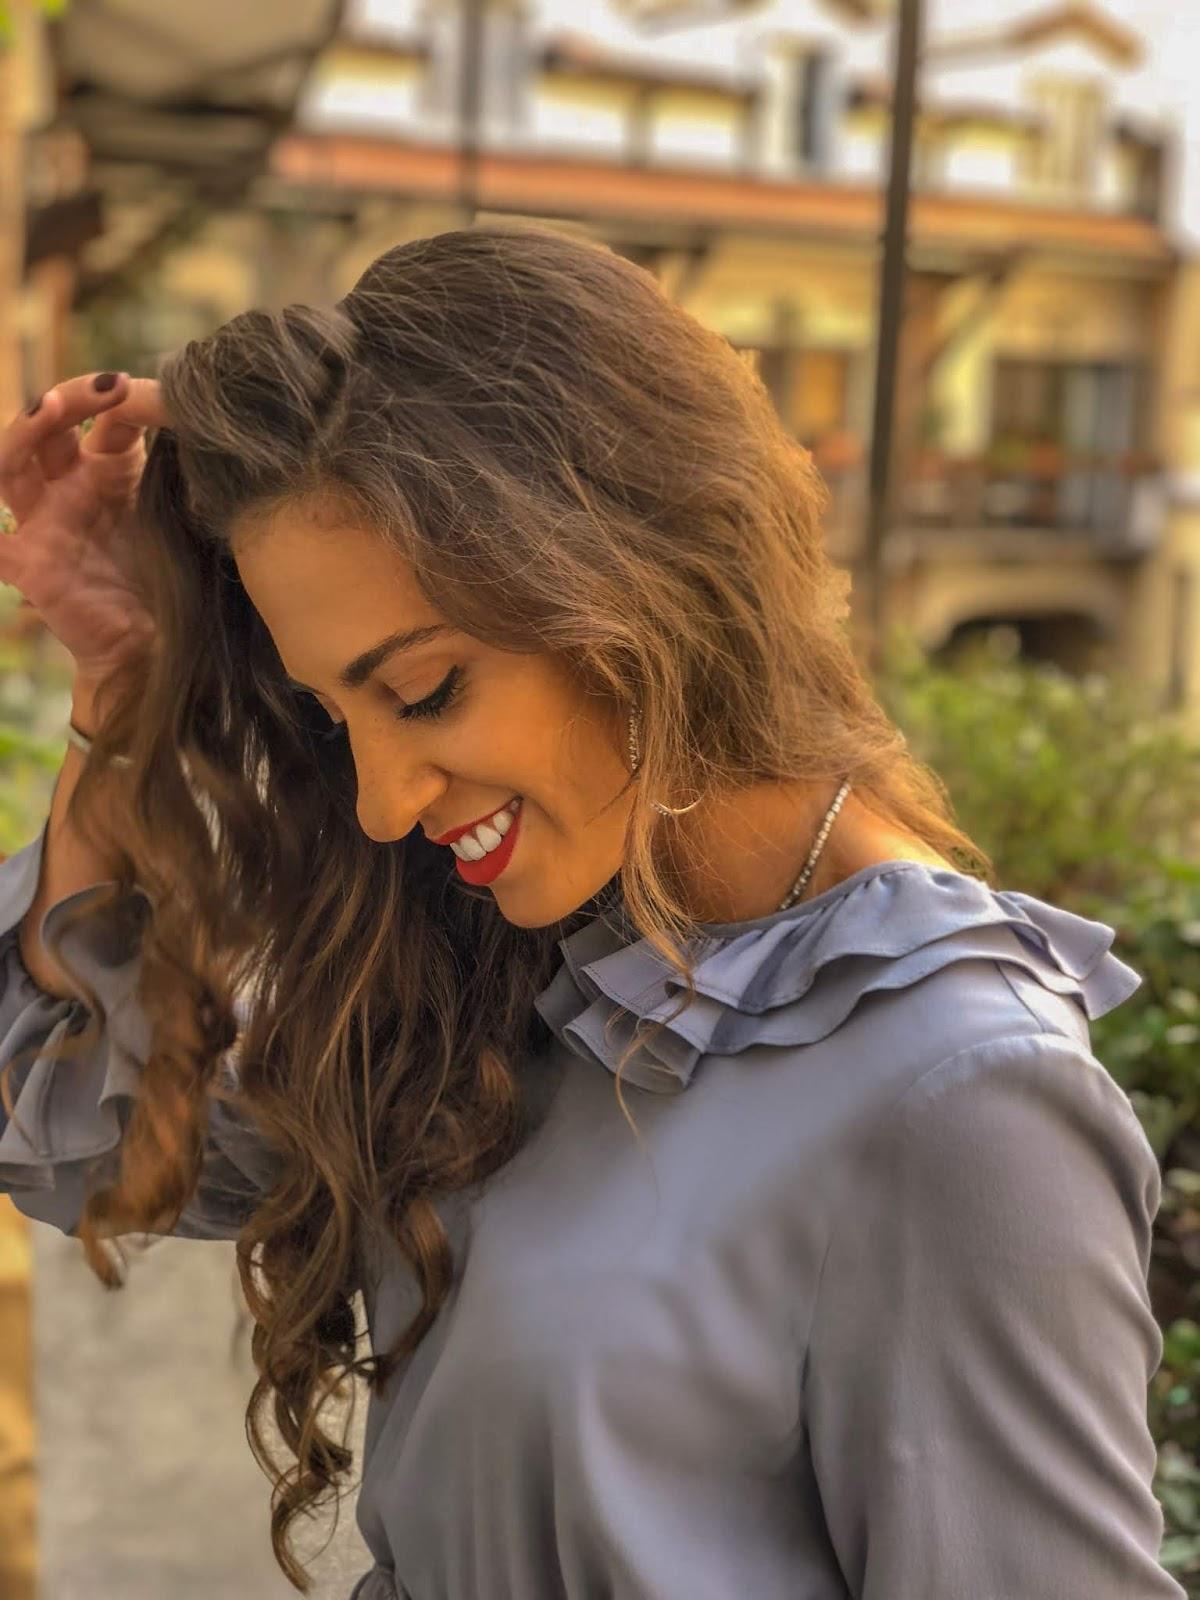 orecchini a cerchio o hoop earrings: un modello must, orecchini cerchio, tendenze, Valentina Rago, Fashion Need, fashion blog milano